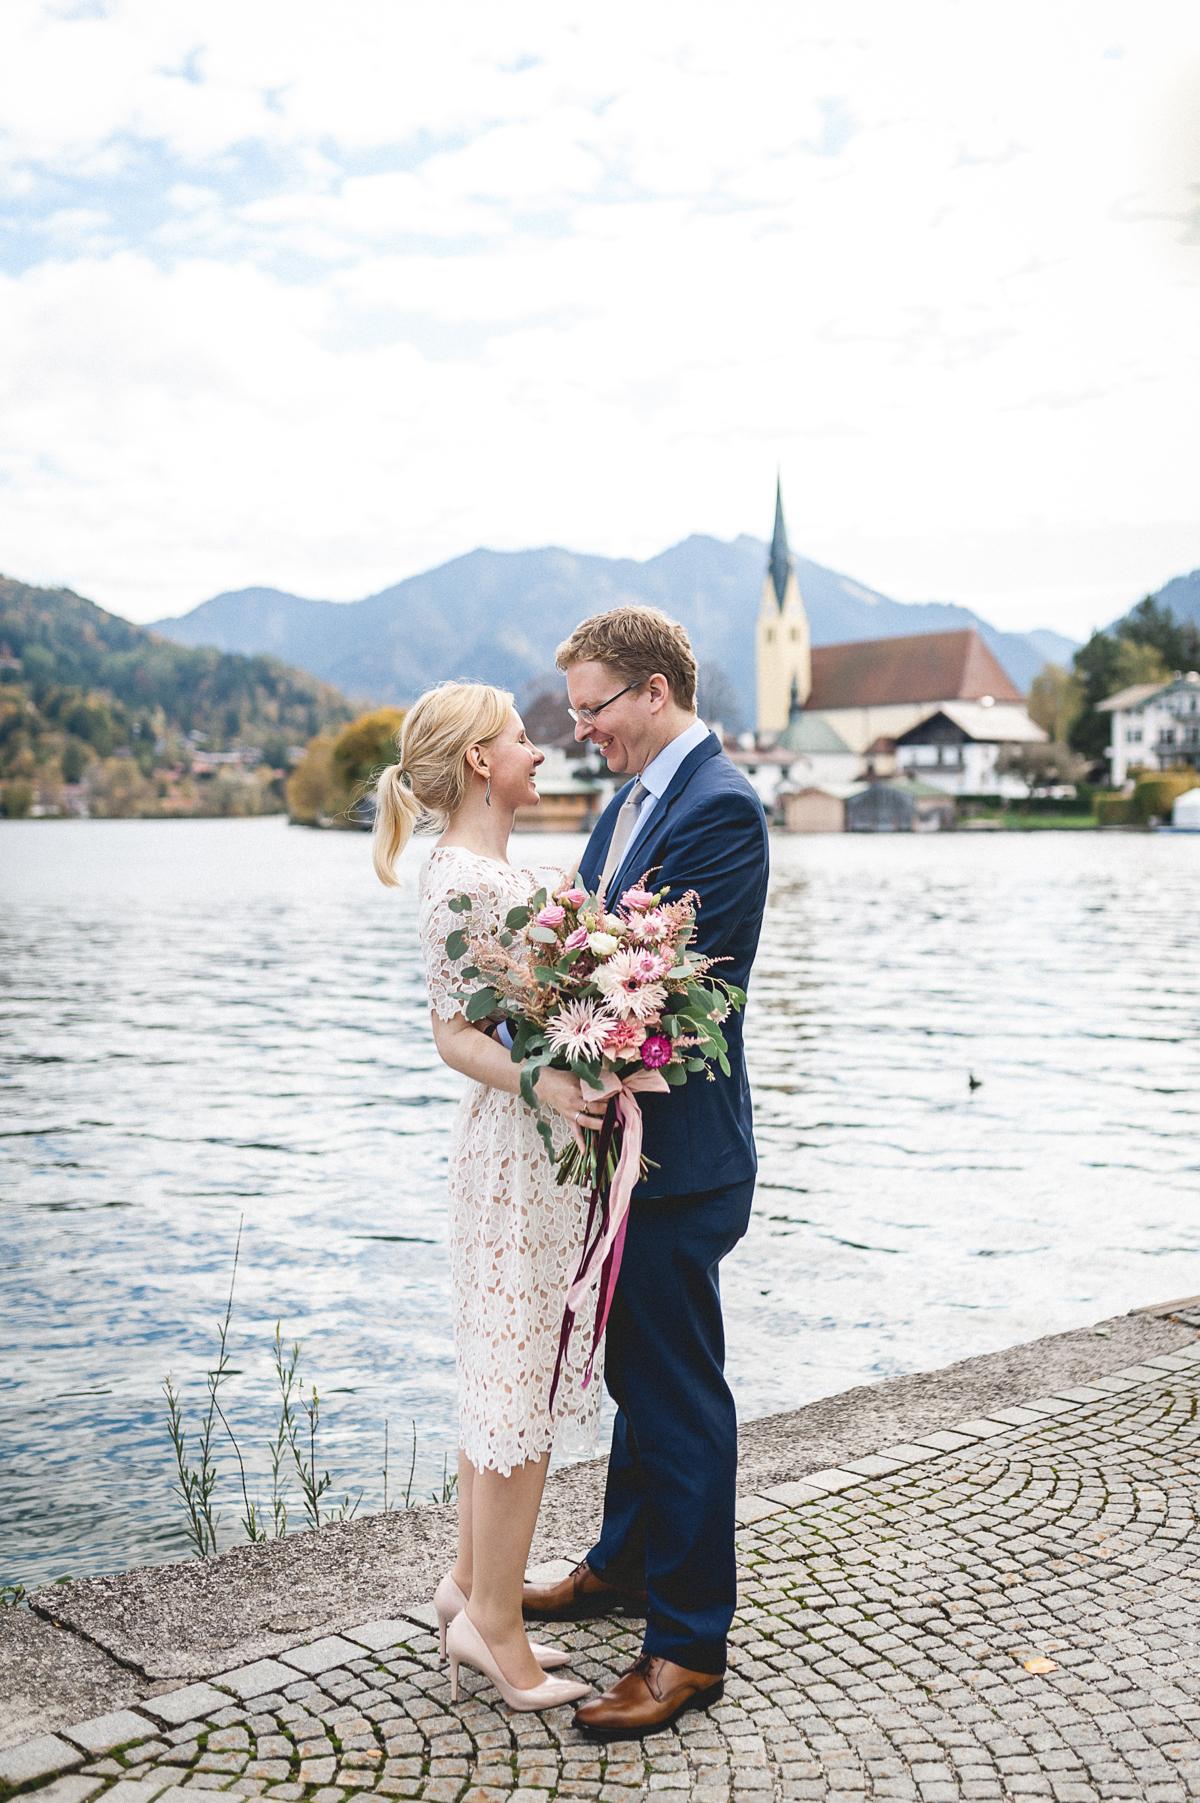 Hochzeit Zu Zweit Paket Deutschland - Hochzeit Zu Zweit